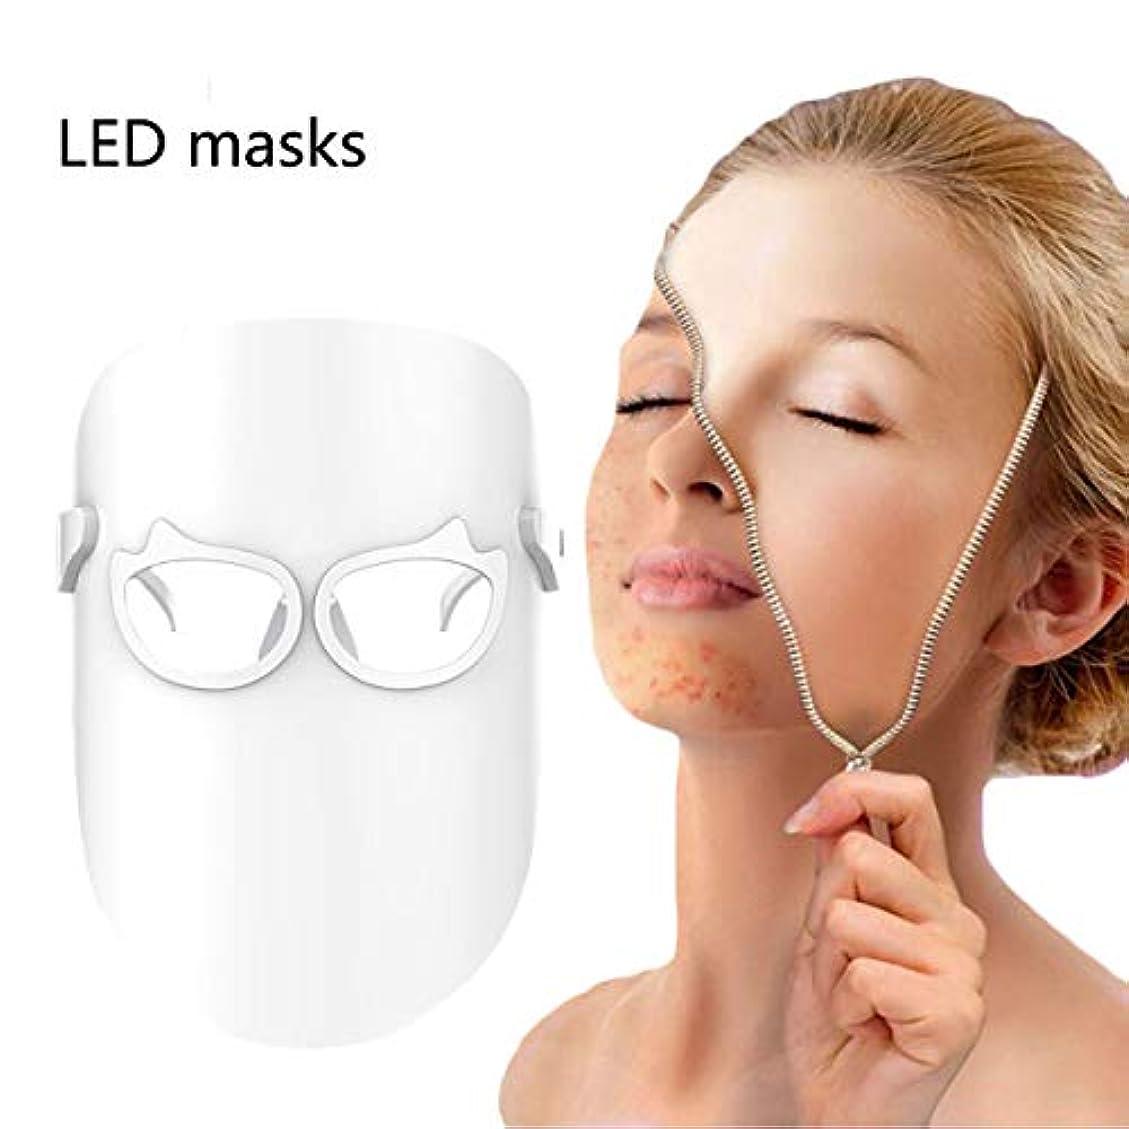 フルーツ野菜コードロータリー美容機器のスペクトルマスクは、光肌の若返りフェイススキンケアアンチエイジングしわの除去そばかすの除去を導きました